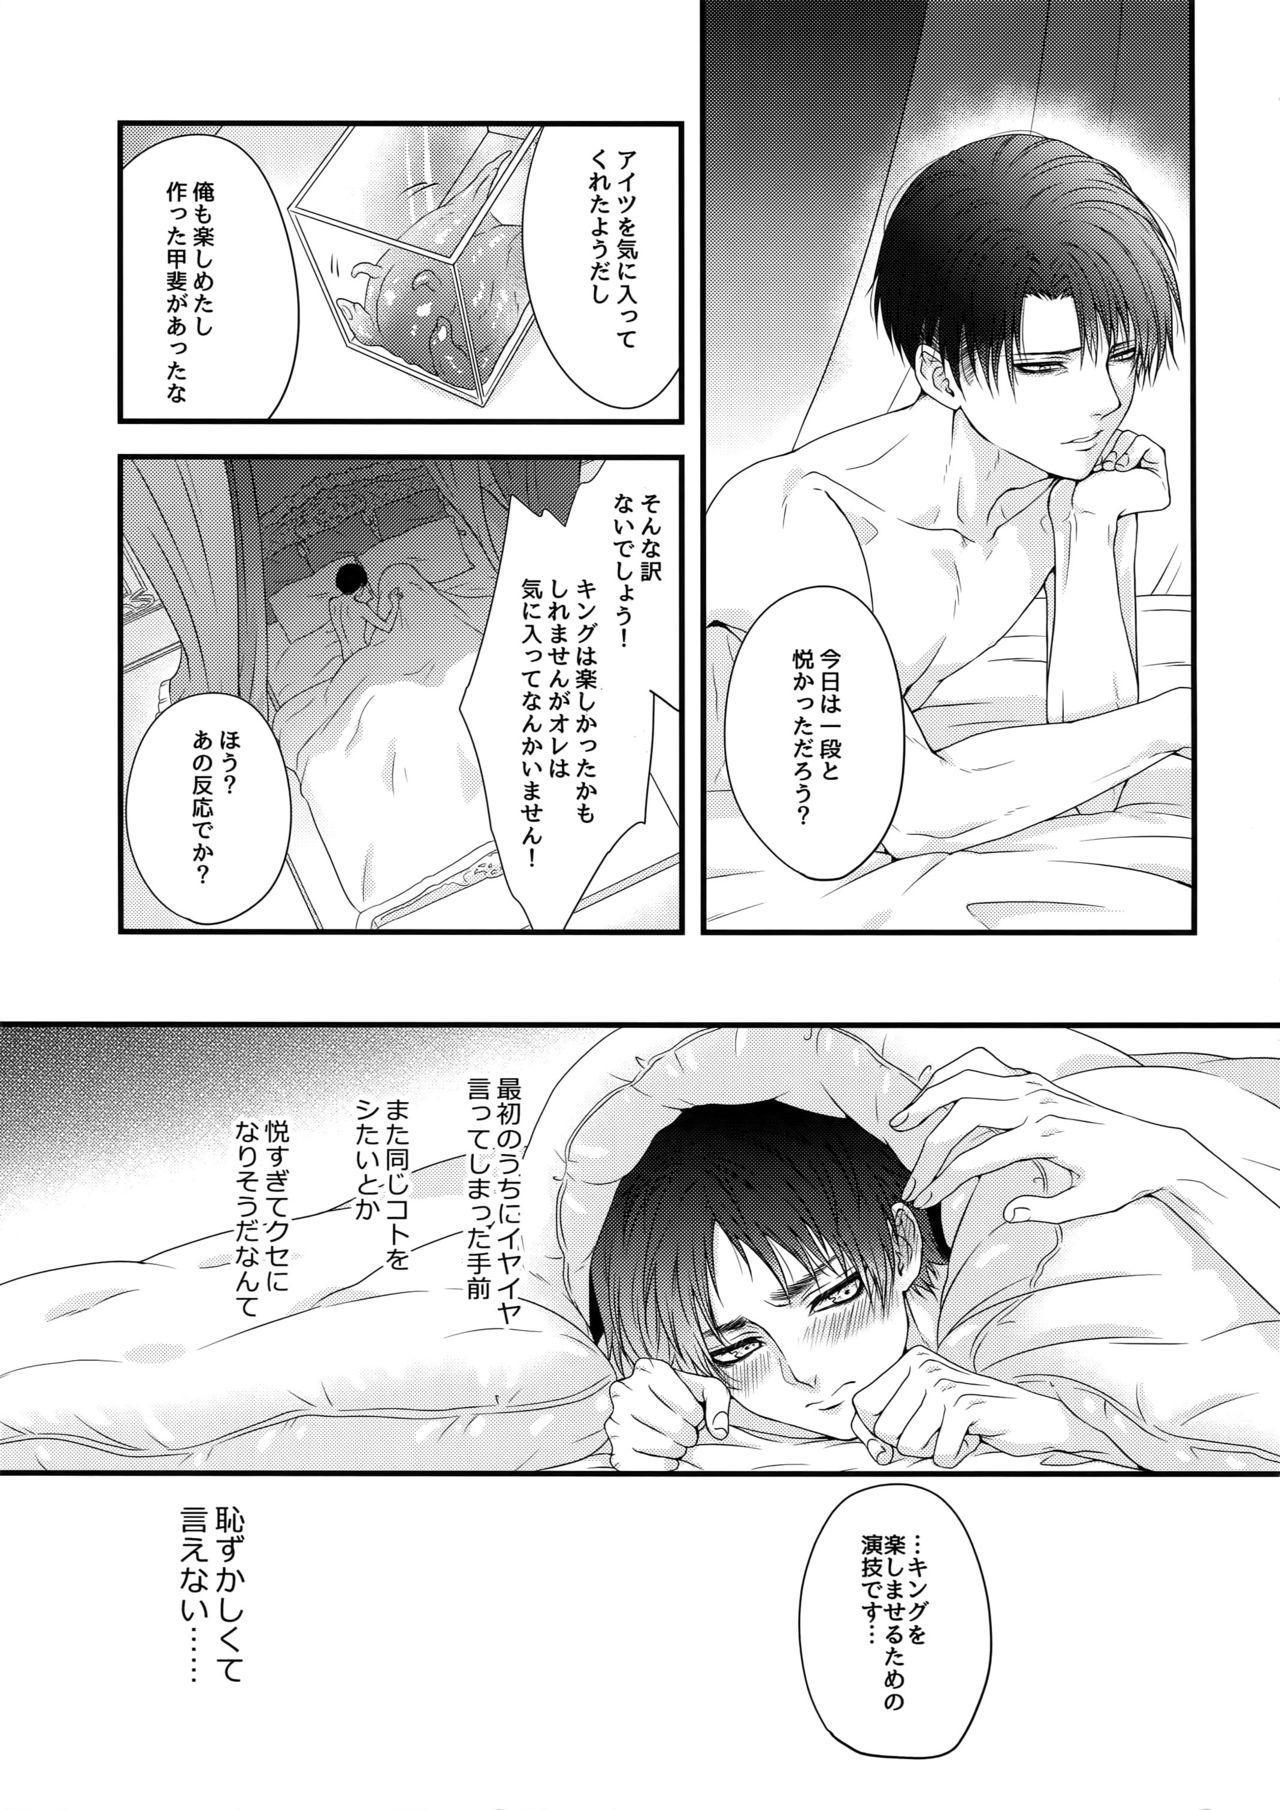 Shinshoku 41